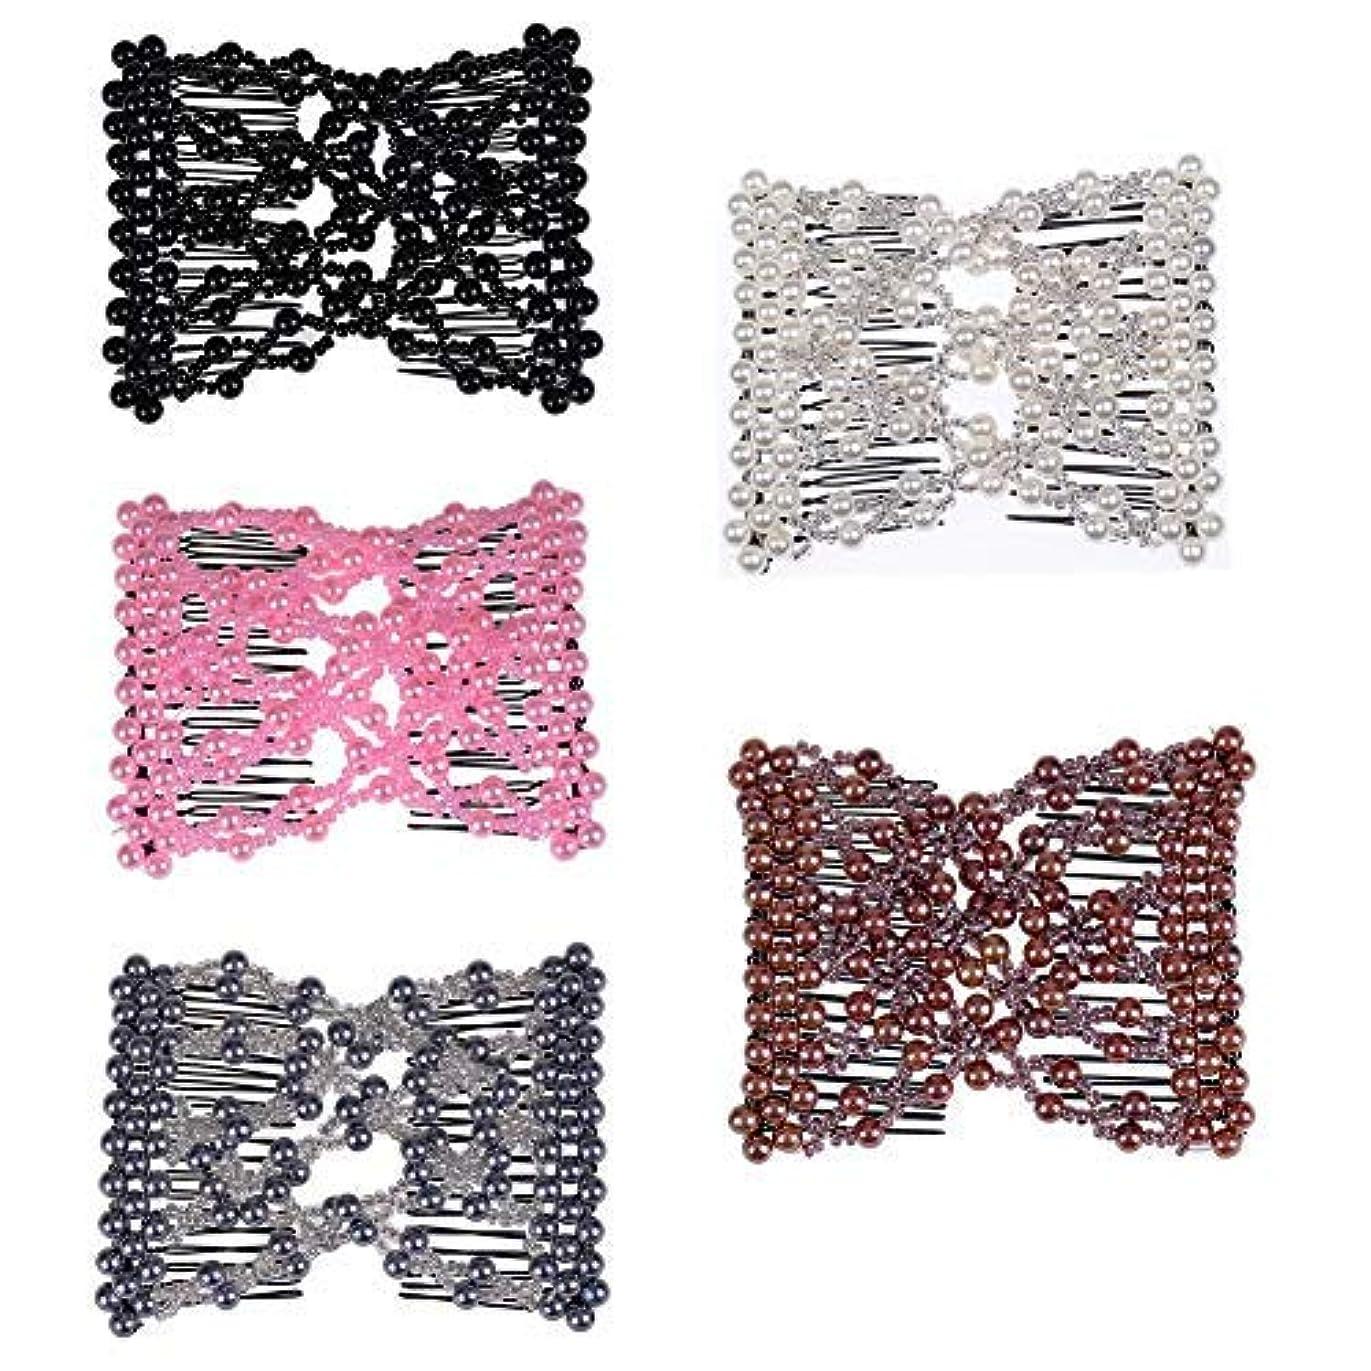 リスディレイ米国Casualfashion 5Pcs Ez Stretch Beaded Hair Combs Double Magic Slide Metal Comb Clip Hairpins for Women Hair Styling...